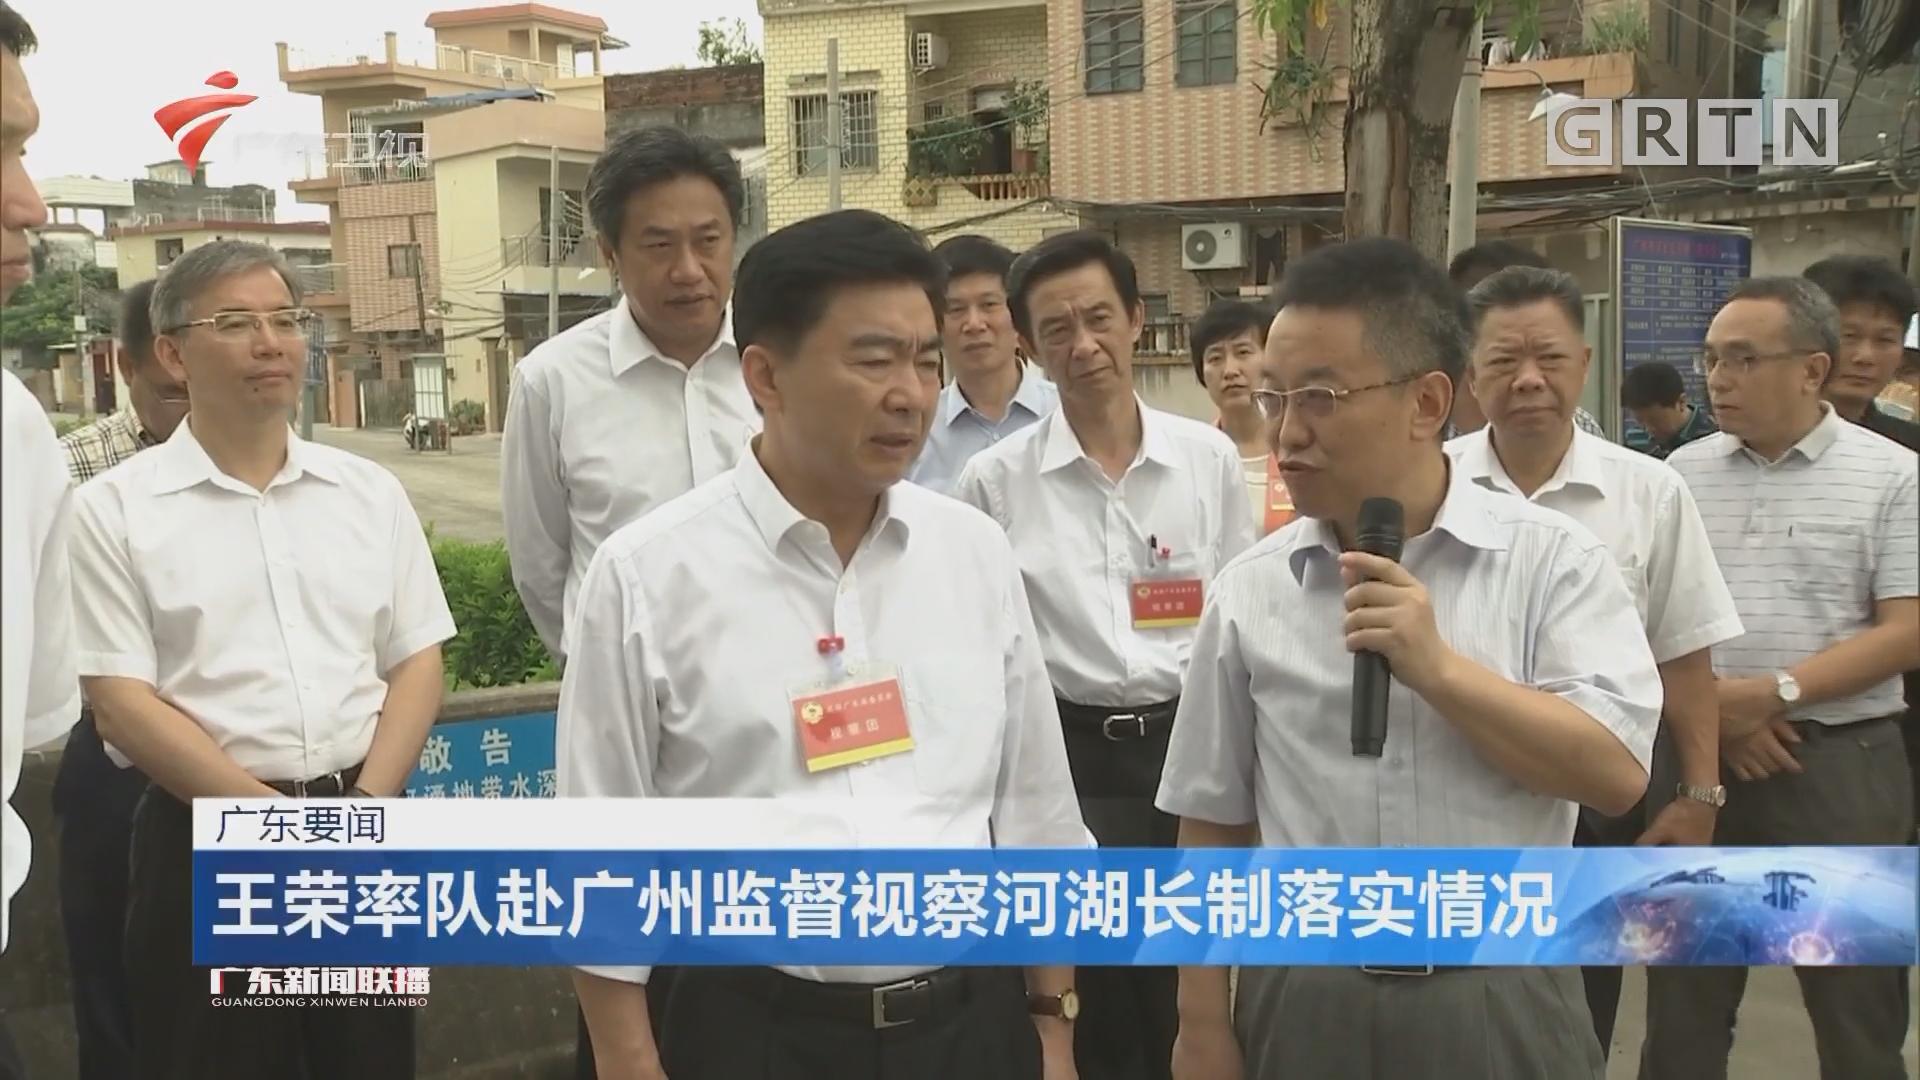 王荣率队赴广州监督视察河湖长制落实情况